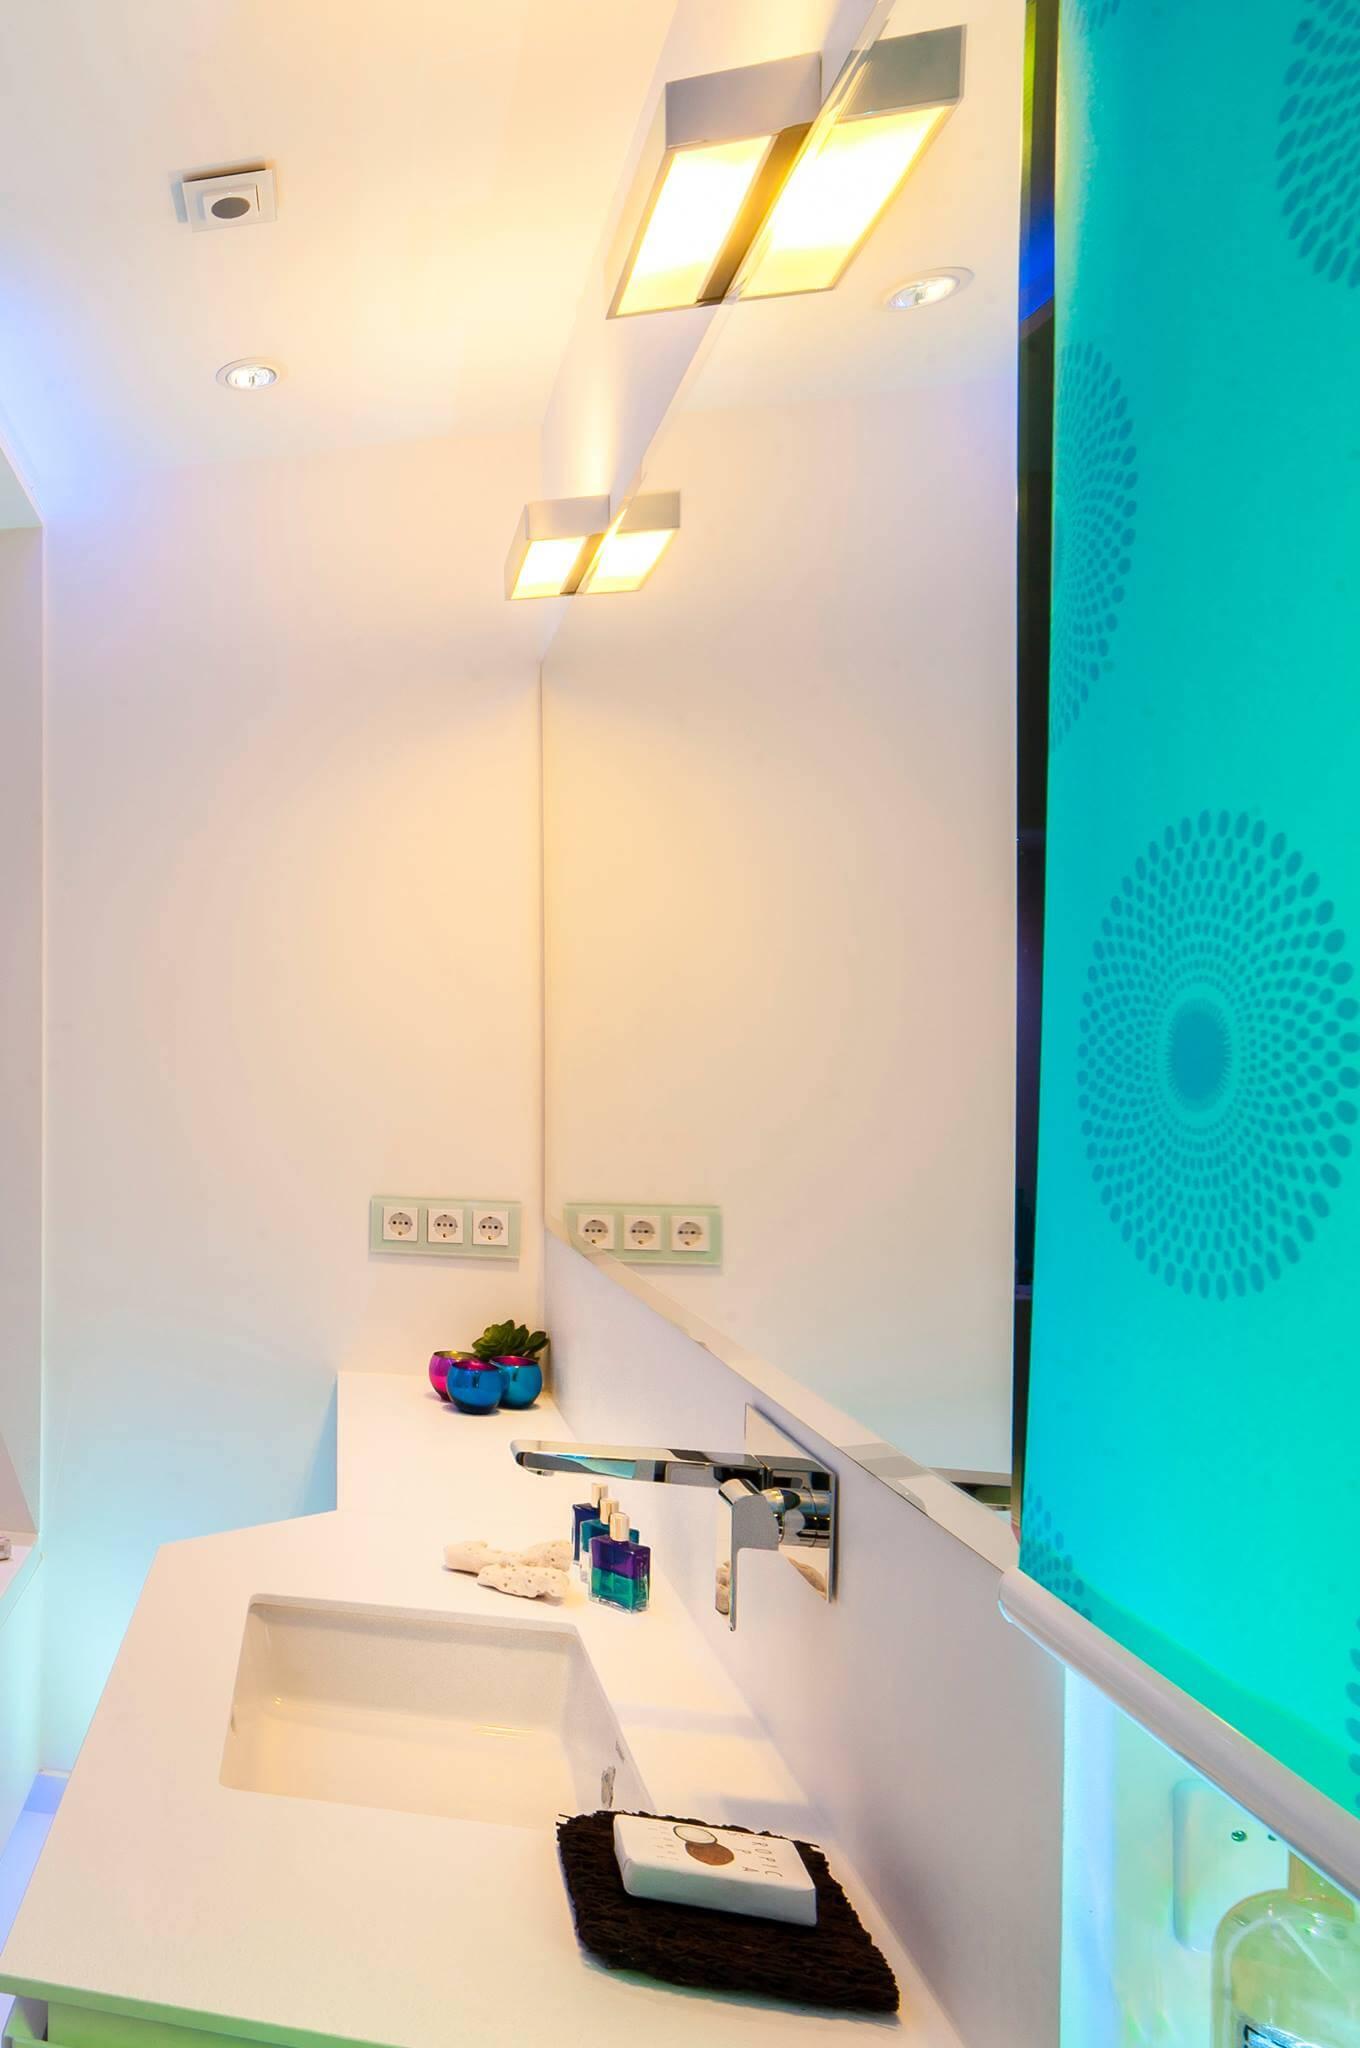 Kleines Badezimmer modern gestalten Tipps  Ideen mit